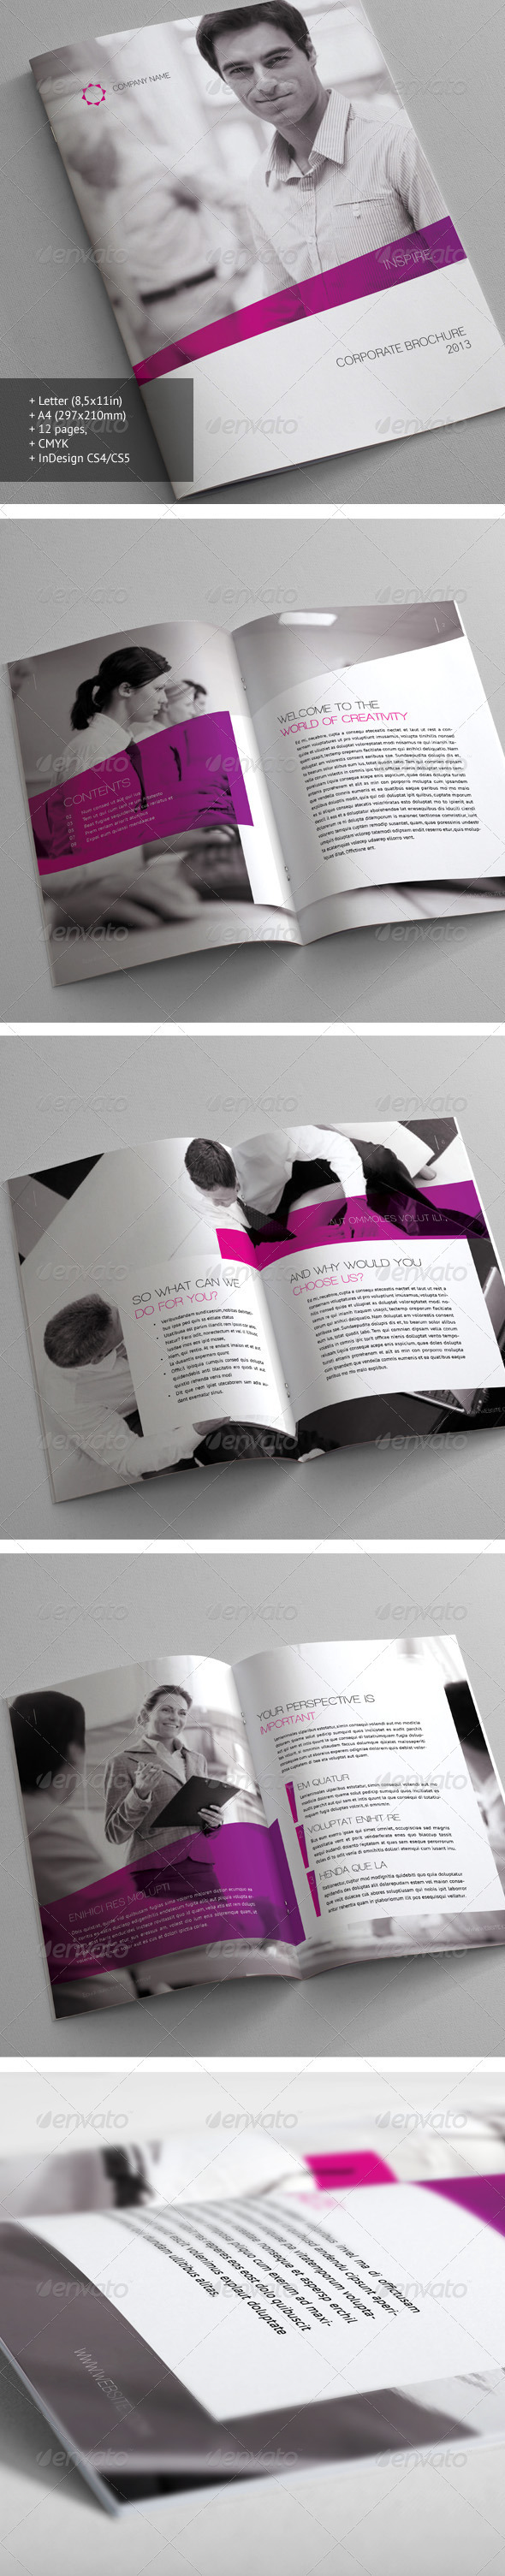 GraphicRiver Corporate Brochure 21 3256377